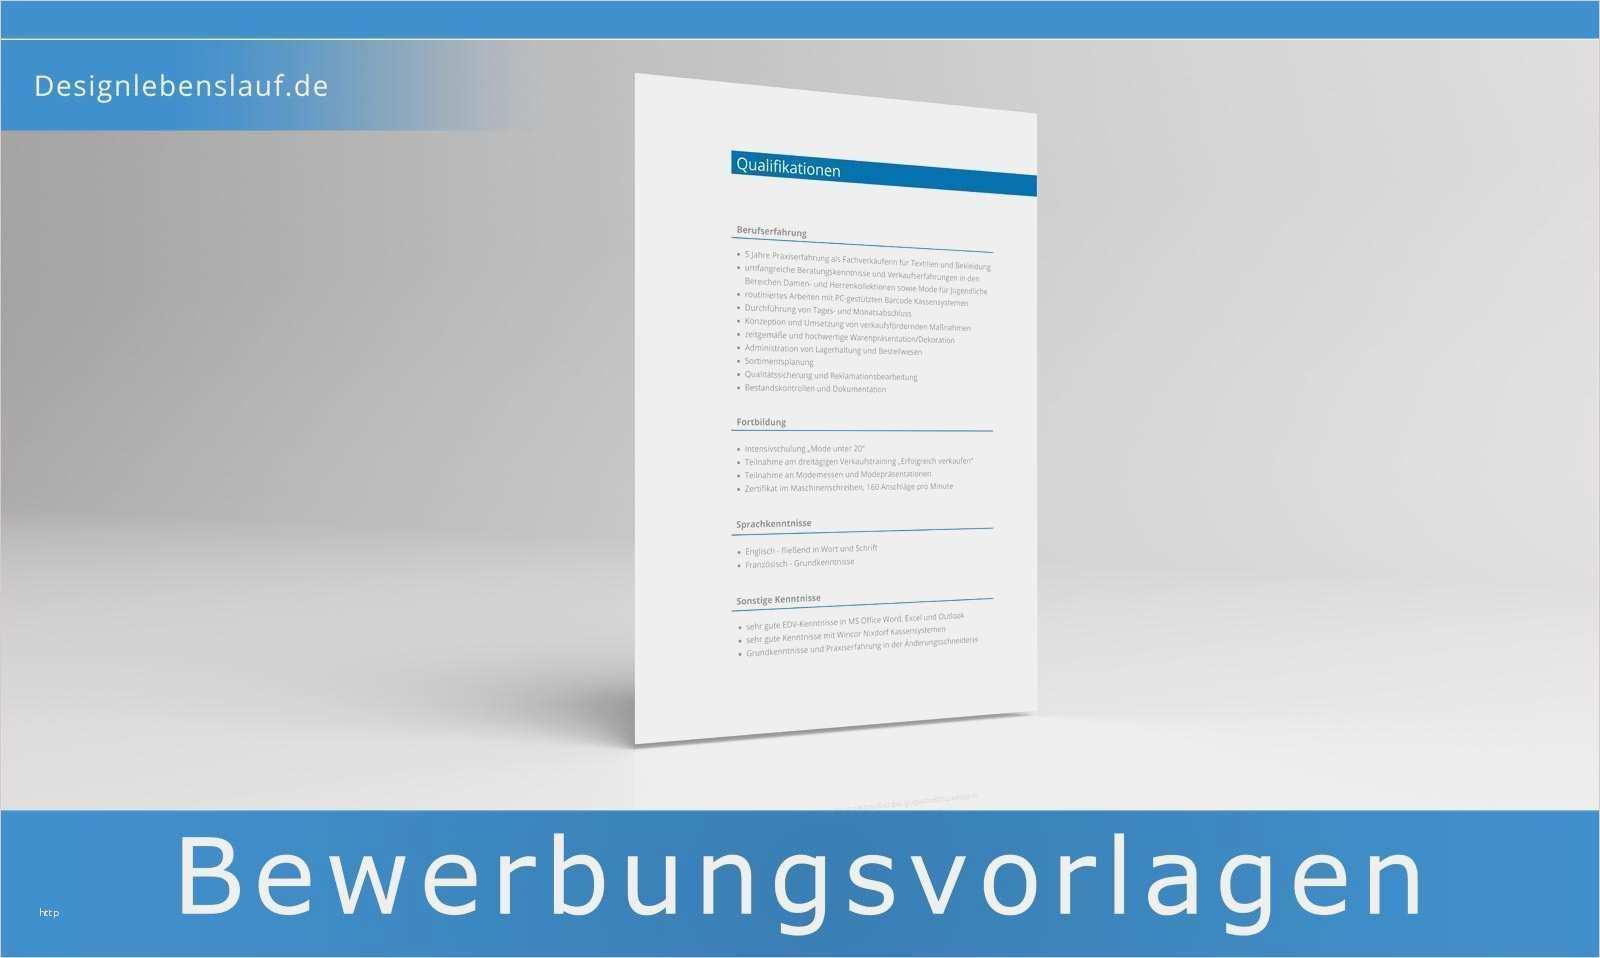 37 Inspiration Vorlage Bewerbungsschreiben Burokauffrau Abbildung In 2020 Vorlagen Bewerbungsschreiben Bewerbungsschreiben Bewerbung Schreiben